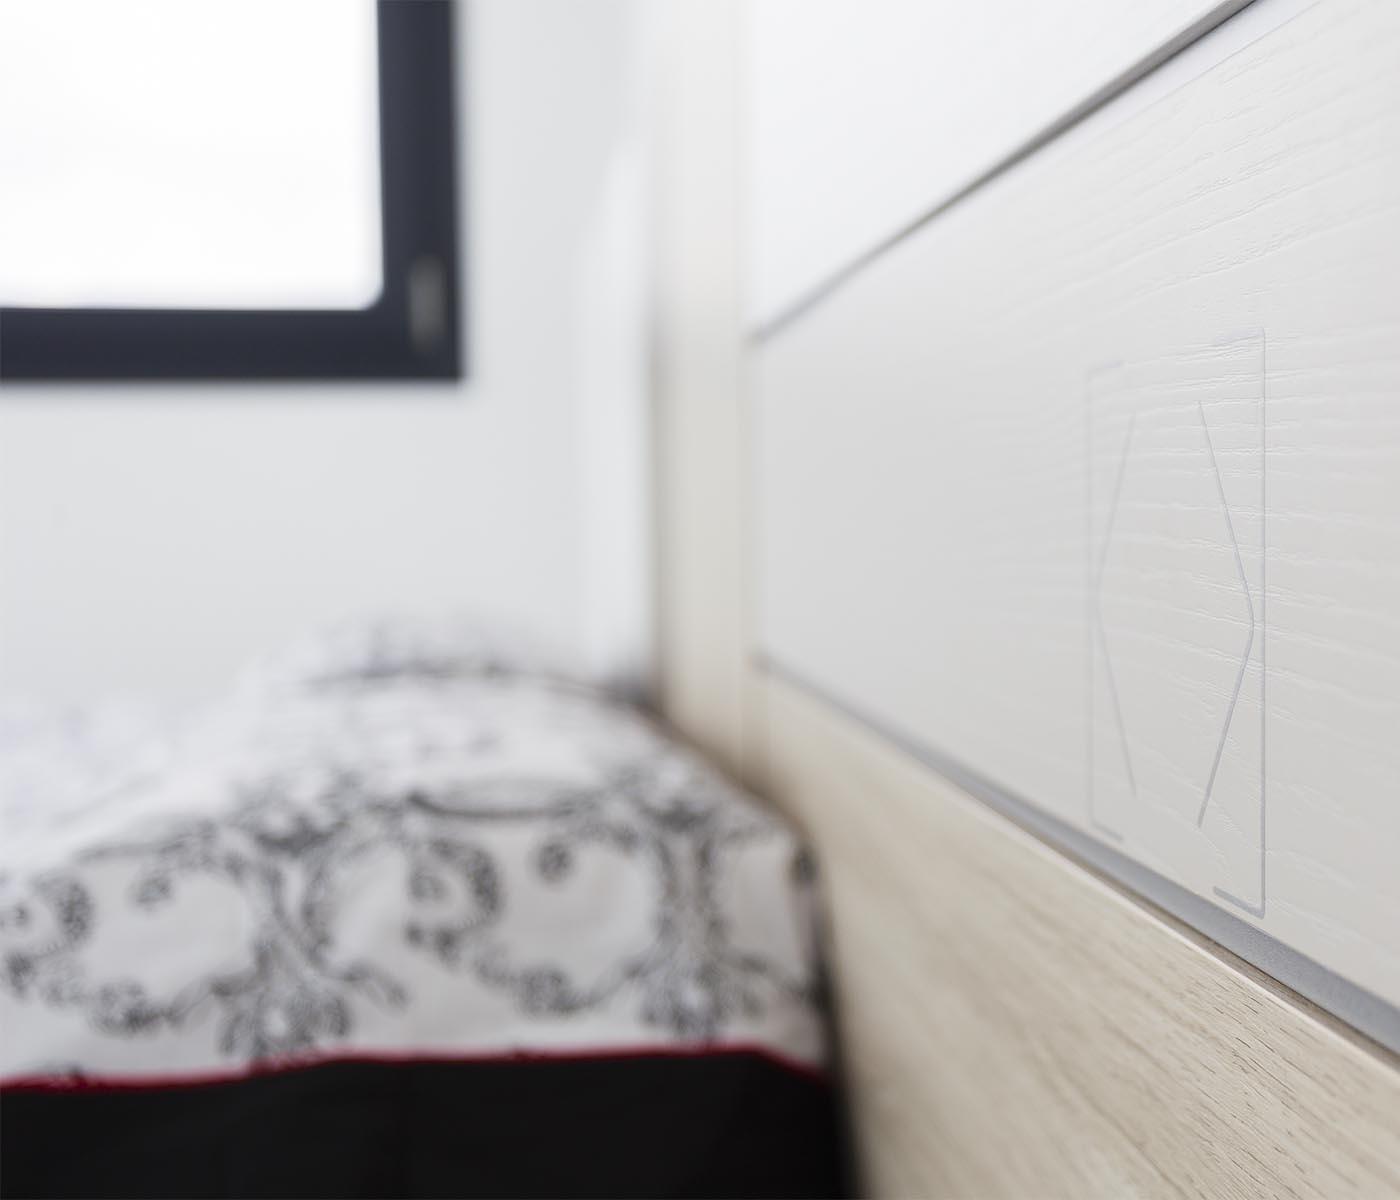 Interrputor habitacio smarthome